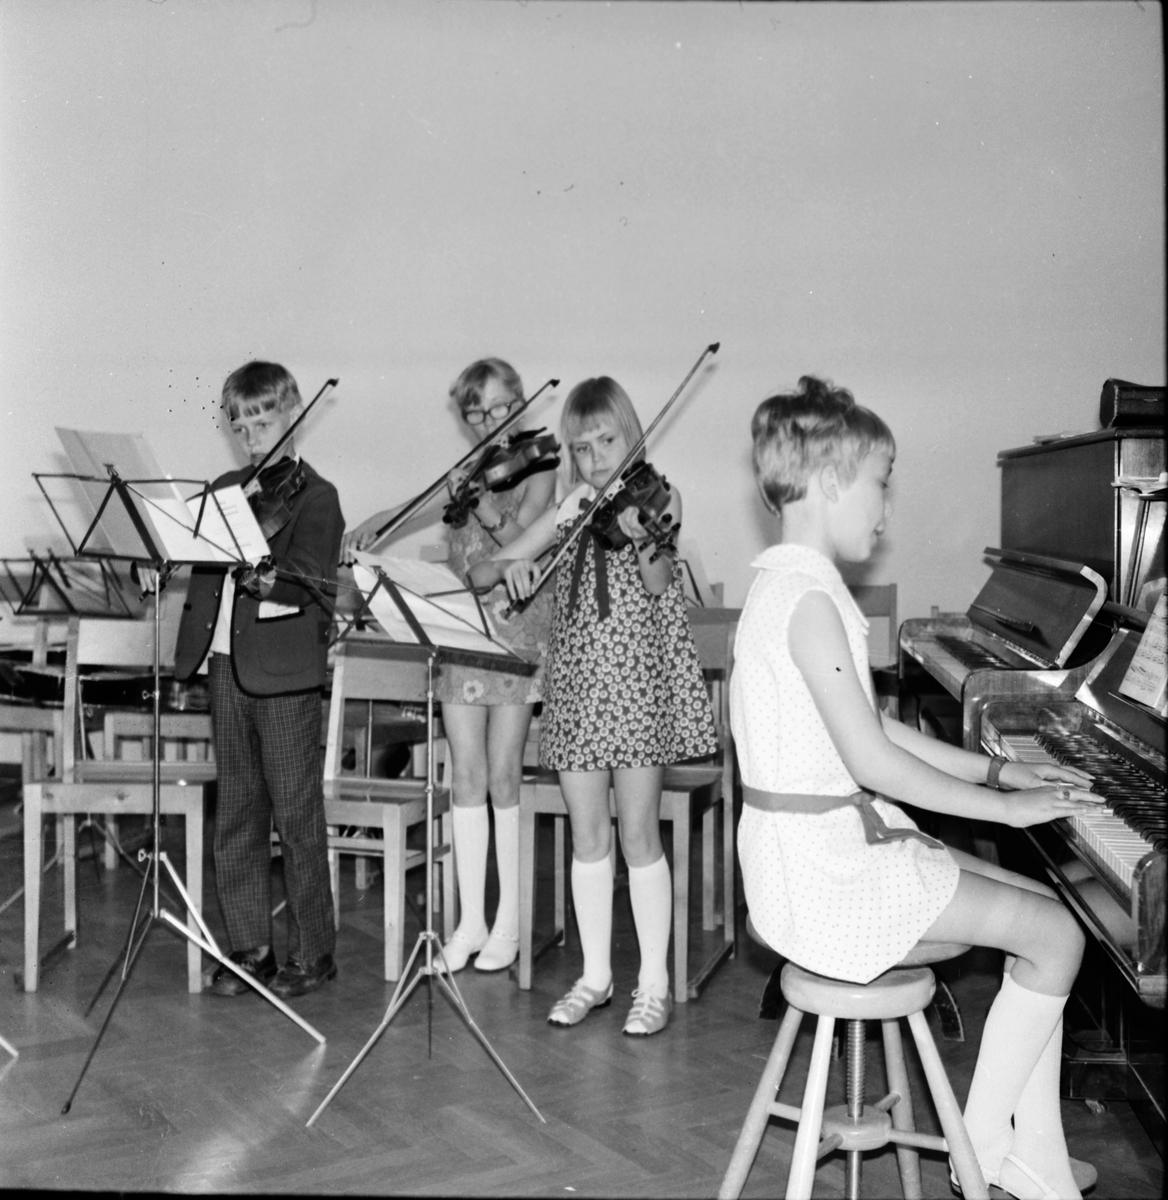 Arbrå, Musikskolans avslutning, Juni 1969